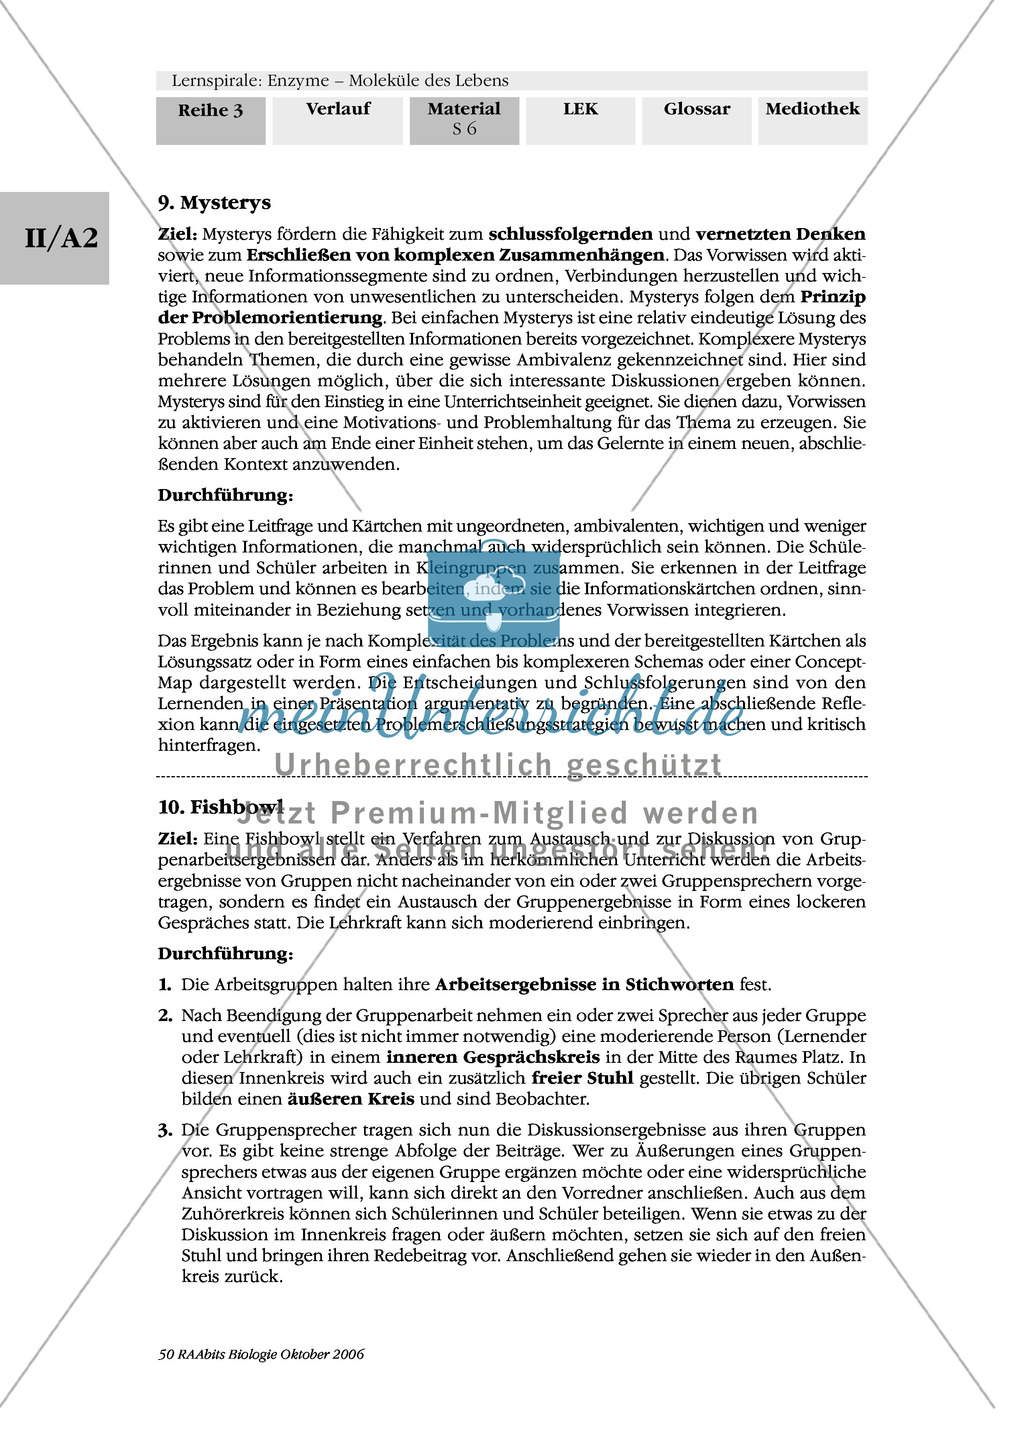 Enzyme: Ergebnissicherung von Arbeitsphasen: Systematisierung und Vermittlung des Gelernten: Concept-Map, Fishbowl Preview 1